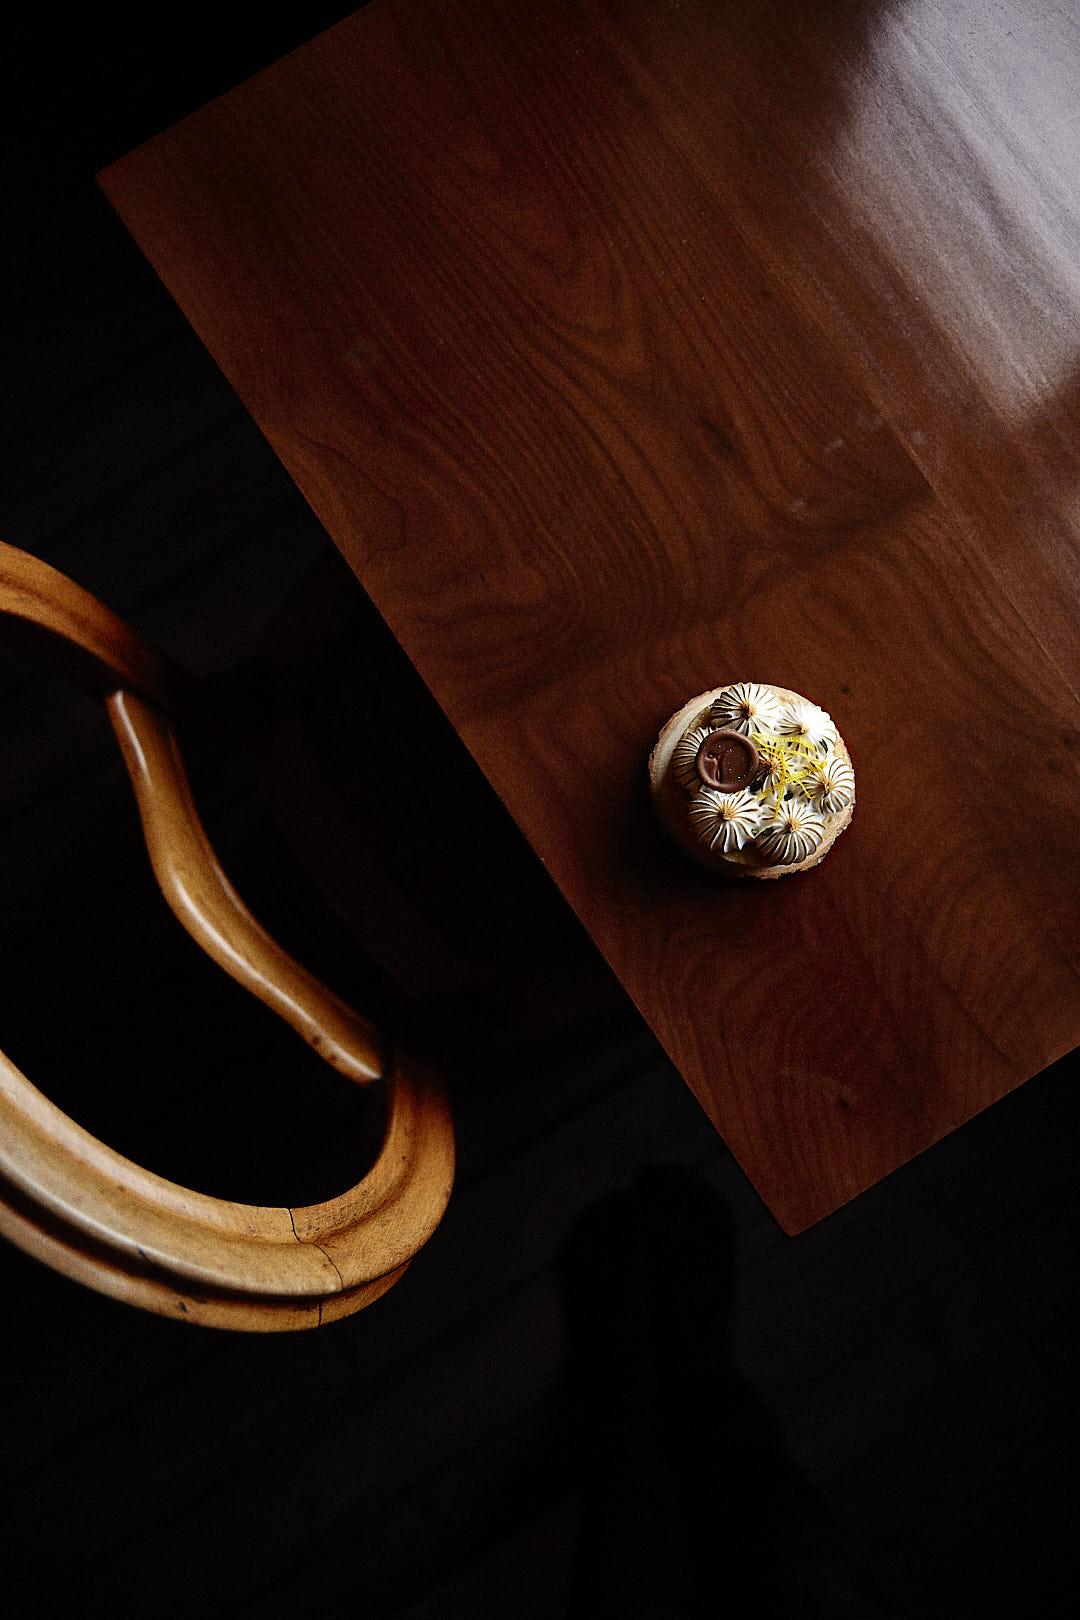 Produktfoto von einem Zitronen-Törtchen von Tartes&Törtchen aus Bielefeld, fotografiert auf einem Holztisch schräg im Anschitt, die Stuhllehne den am Tisch stehenden Holzstuhles ist sichtbar, der Boden liegt im Dunkeln